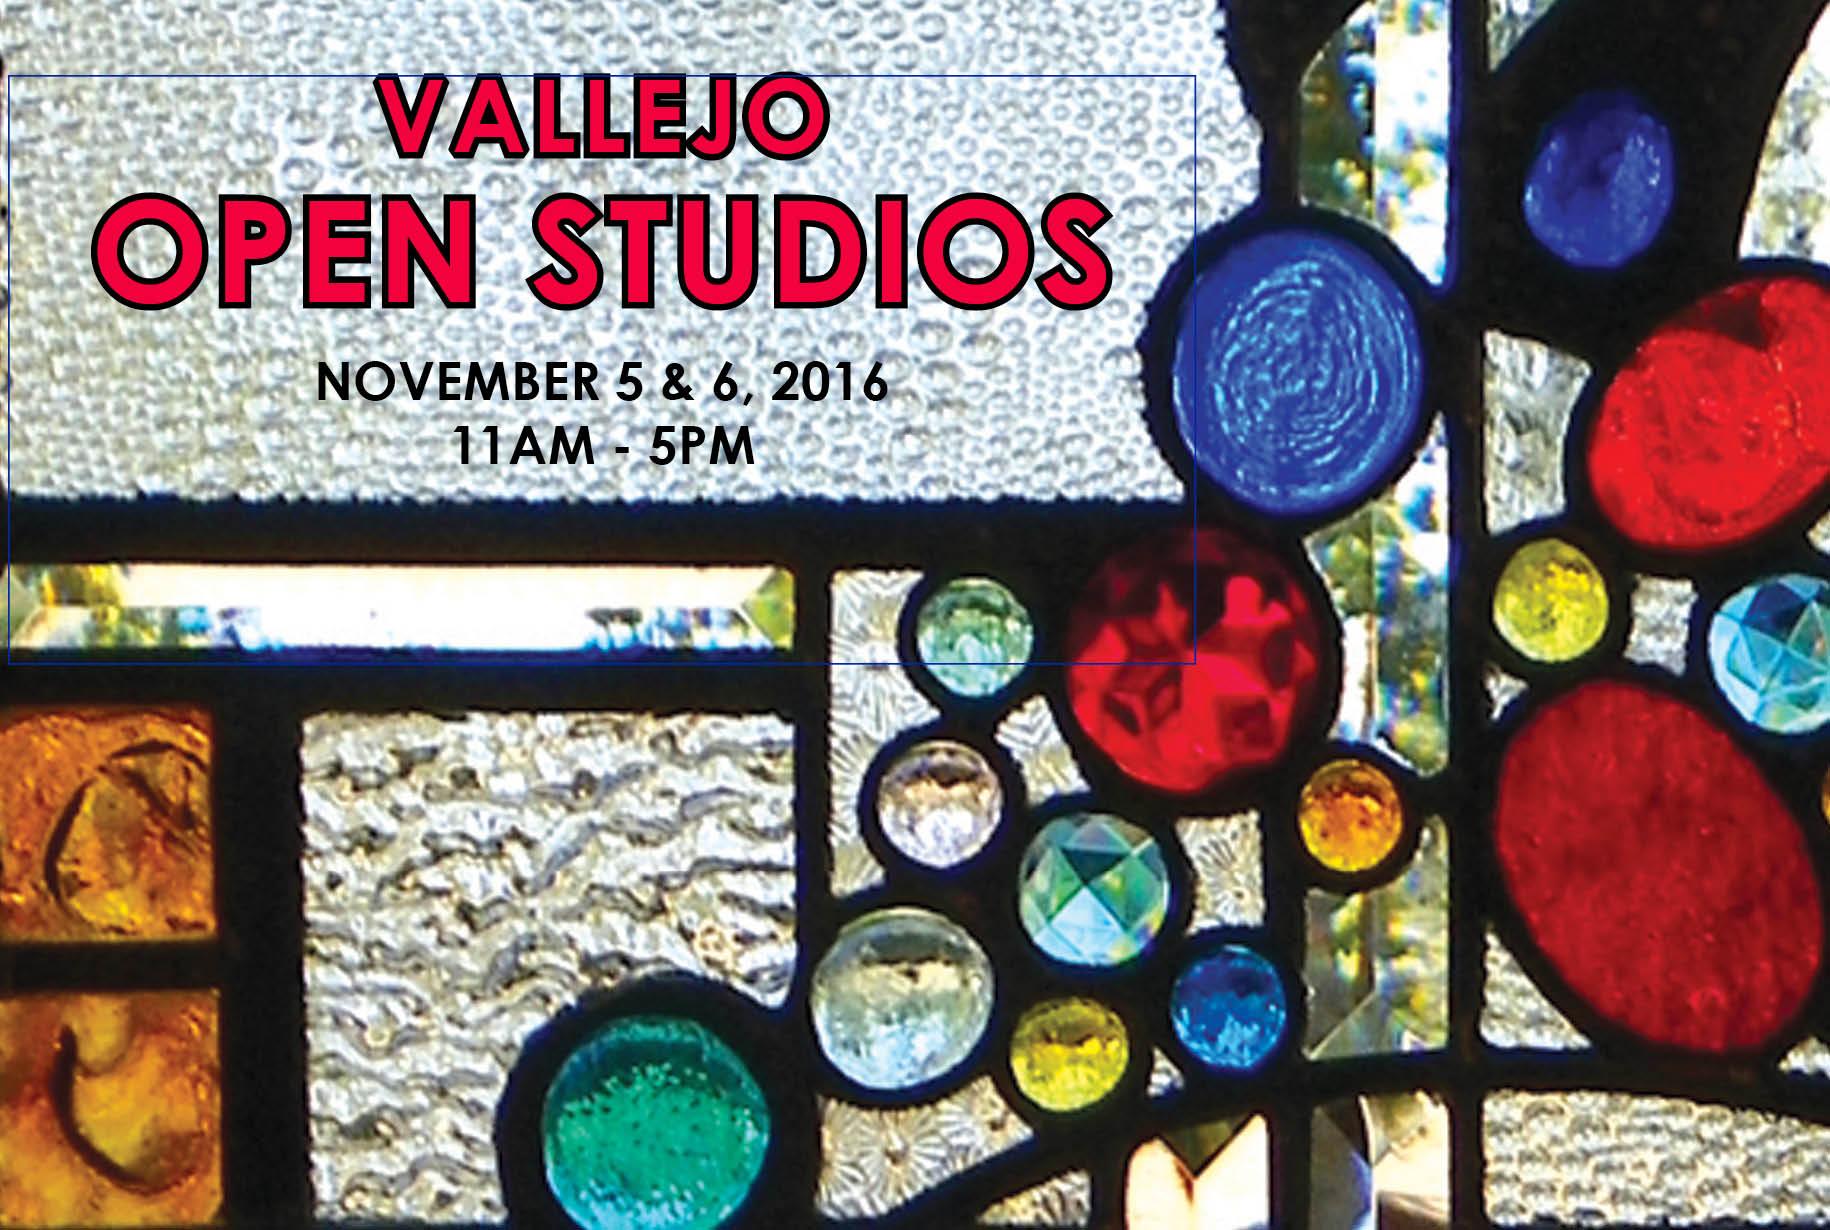 Vallejo Open Studios